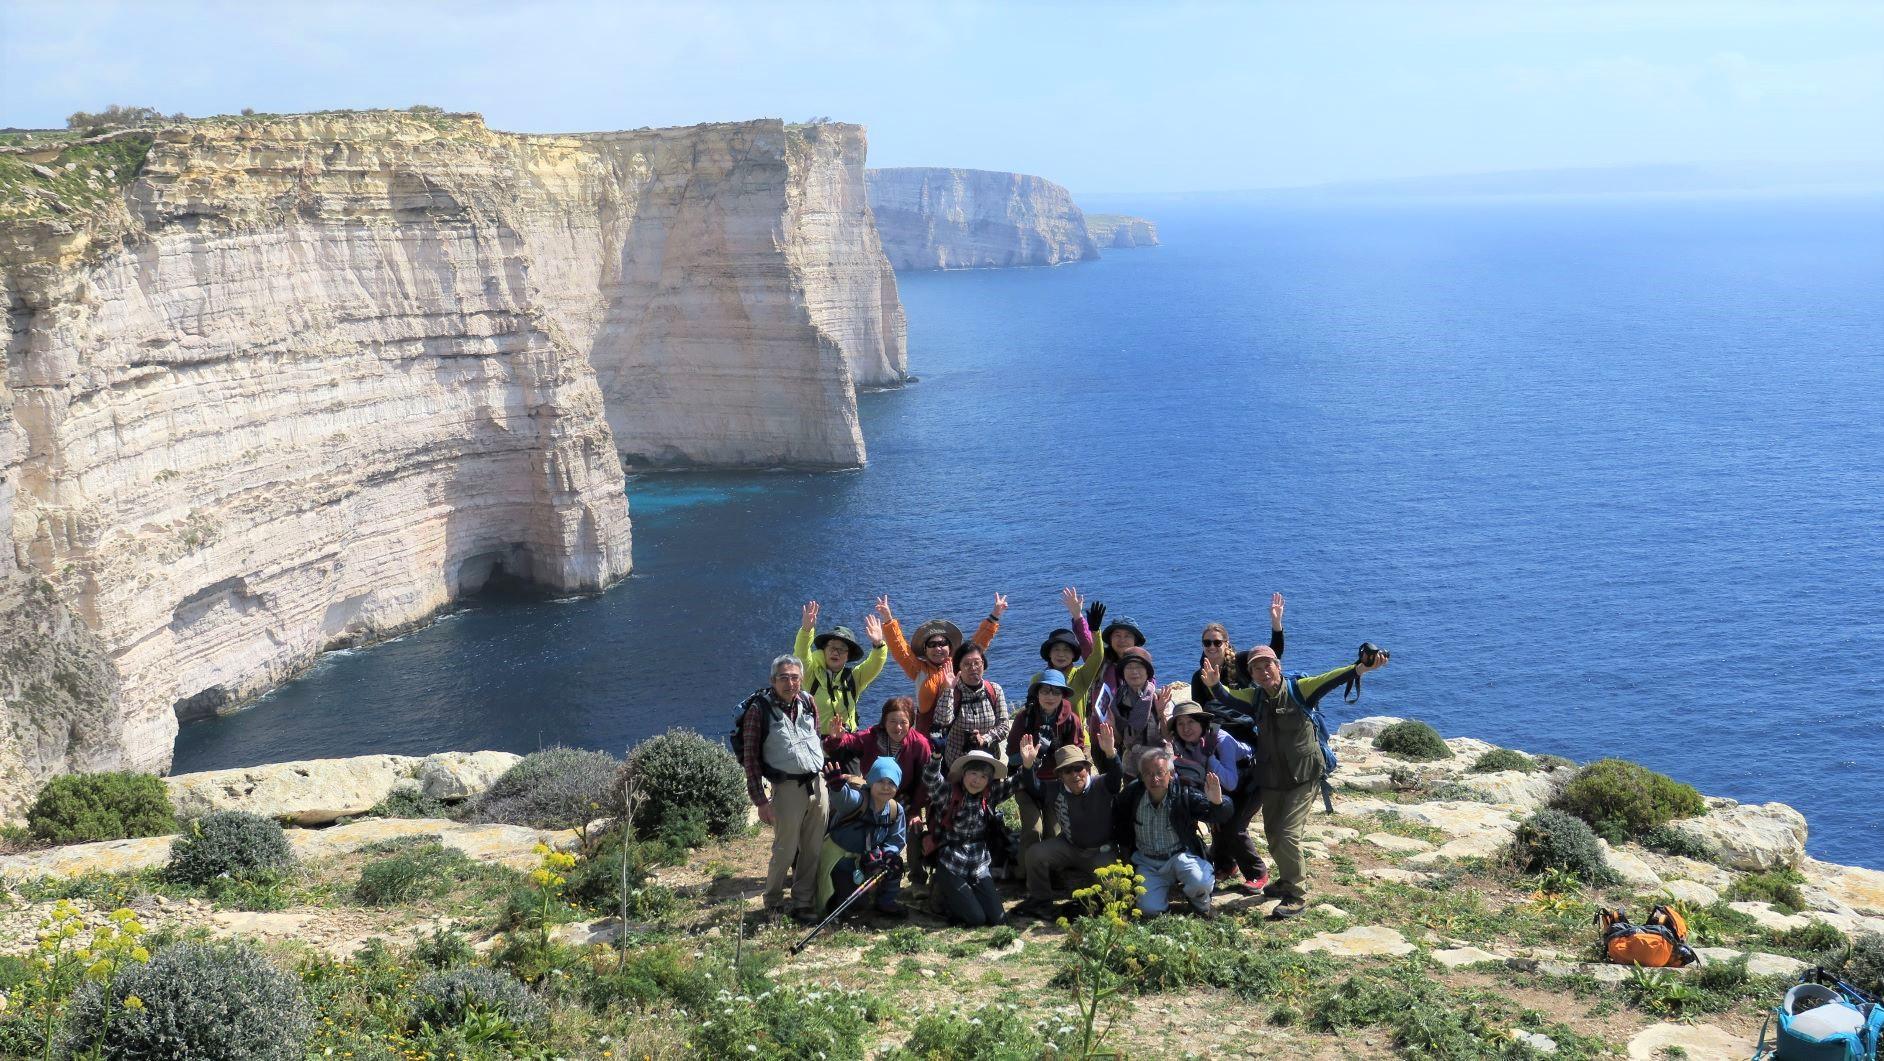 美しい海岸線が続くマルタのハイキング(6日目)